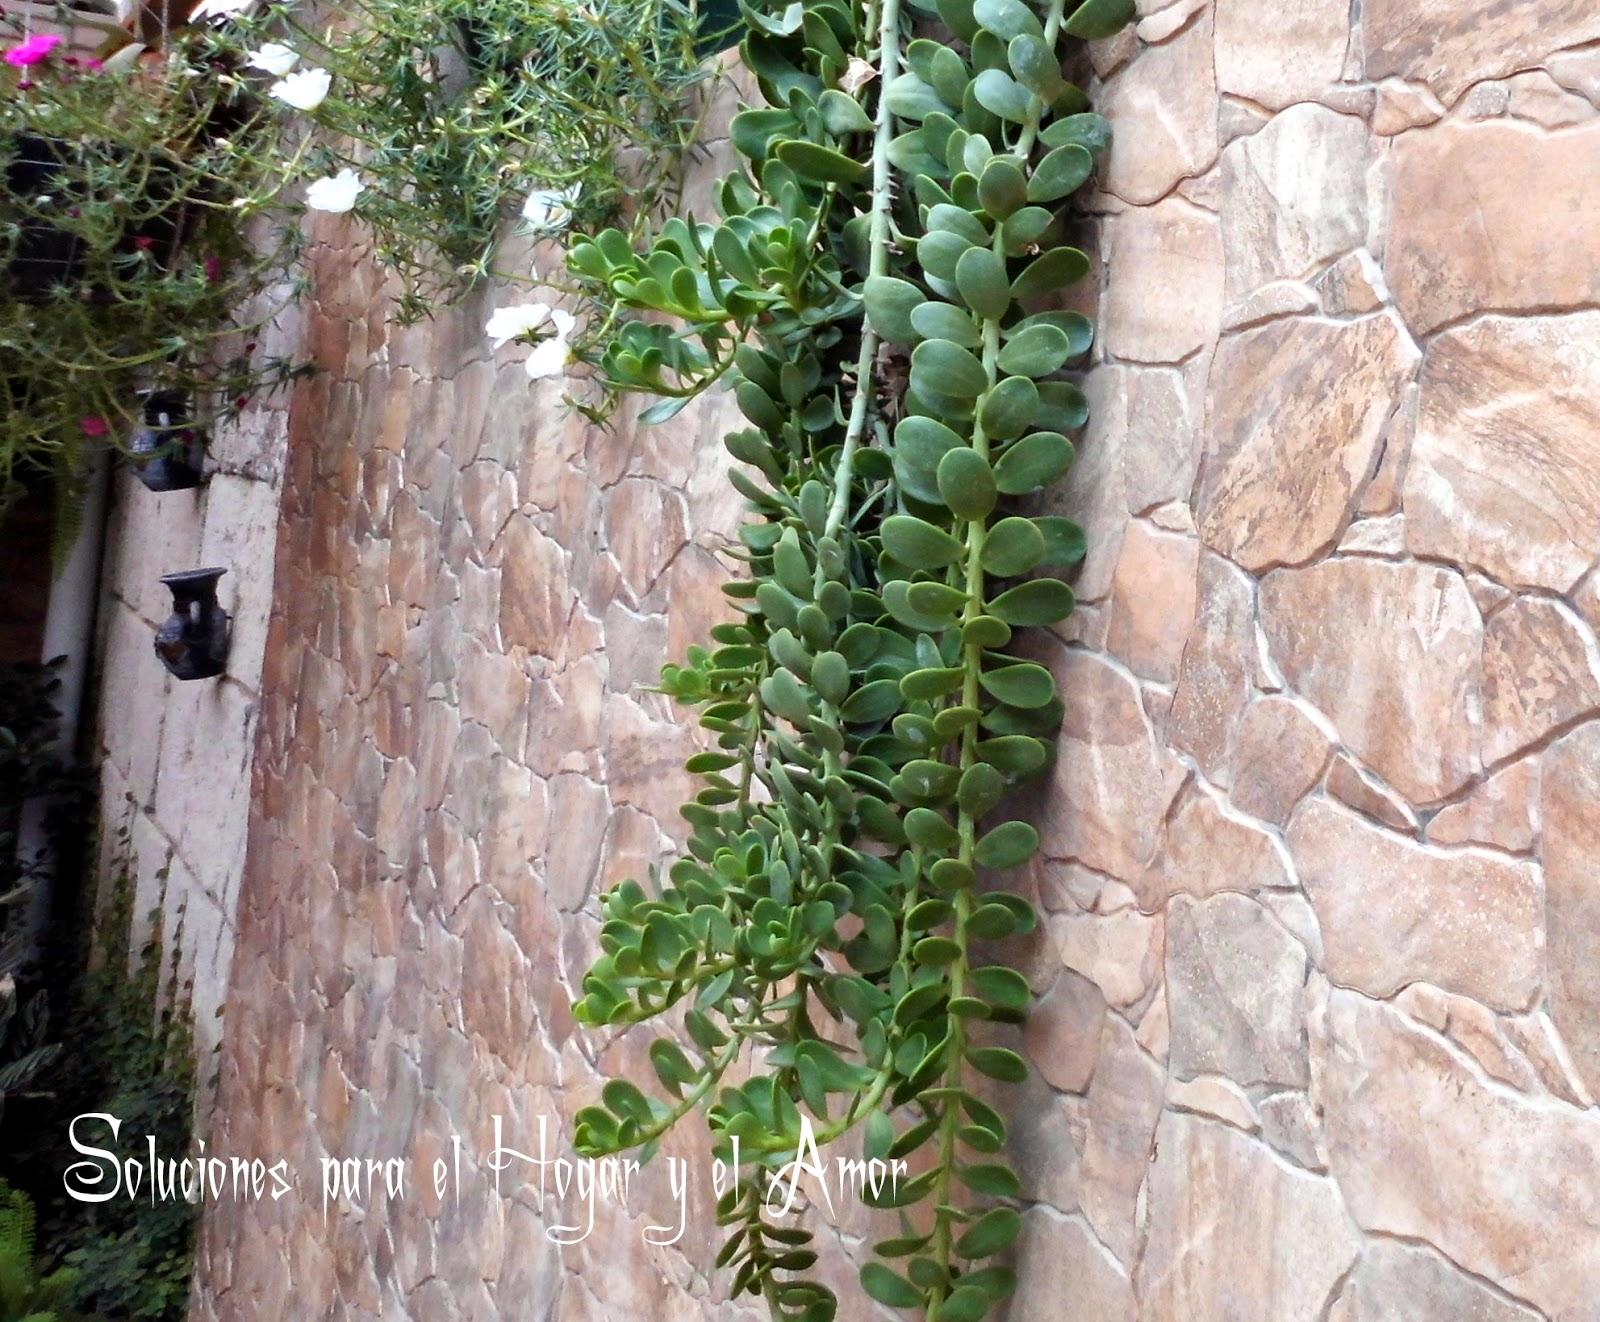 Plantas y Flores, planta colgante,pared de piedra, texturas